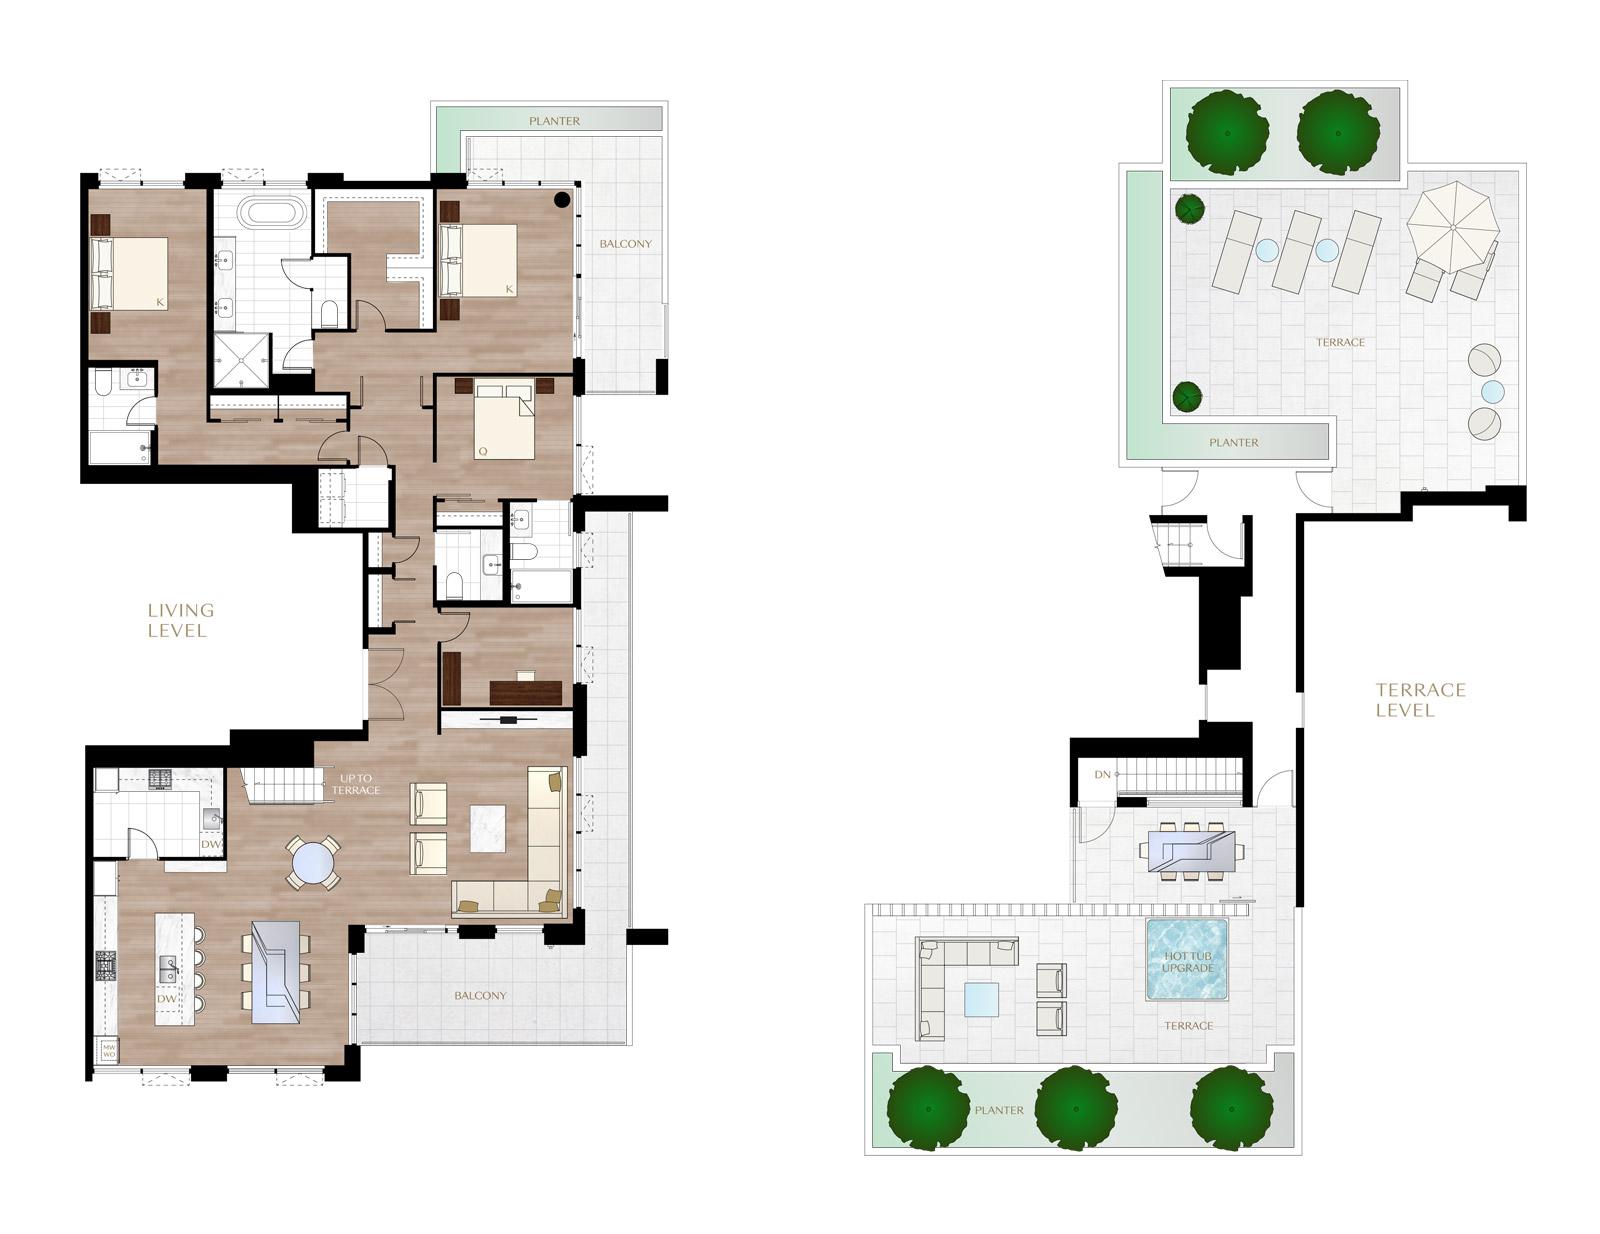 Park West Penthouse 1